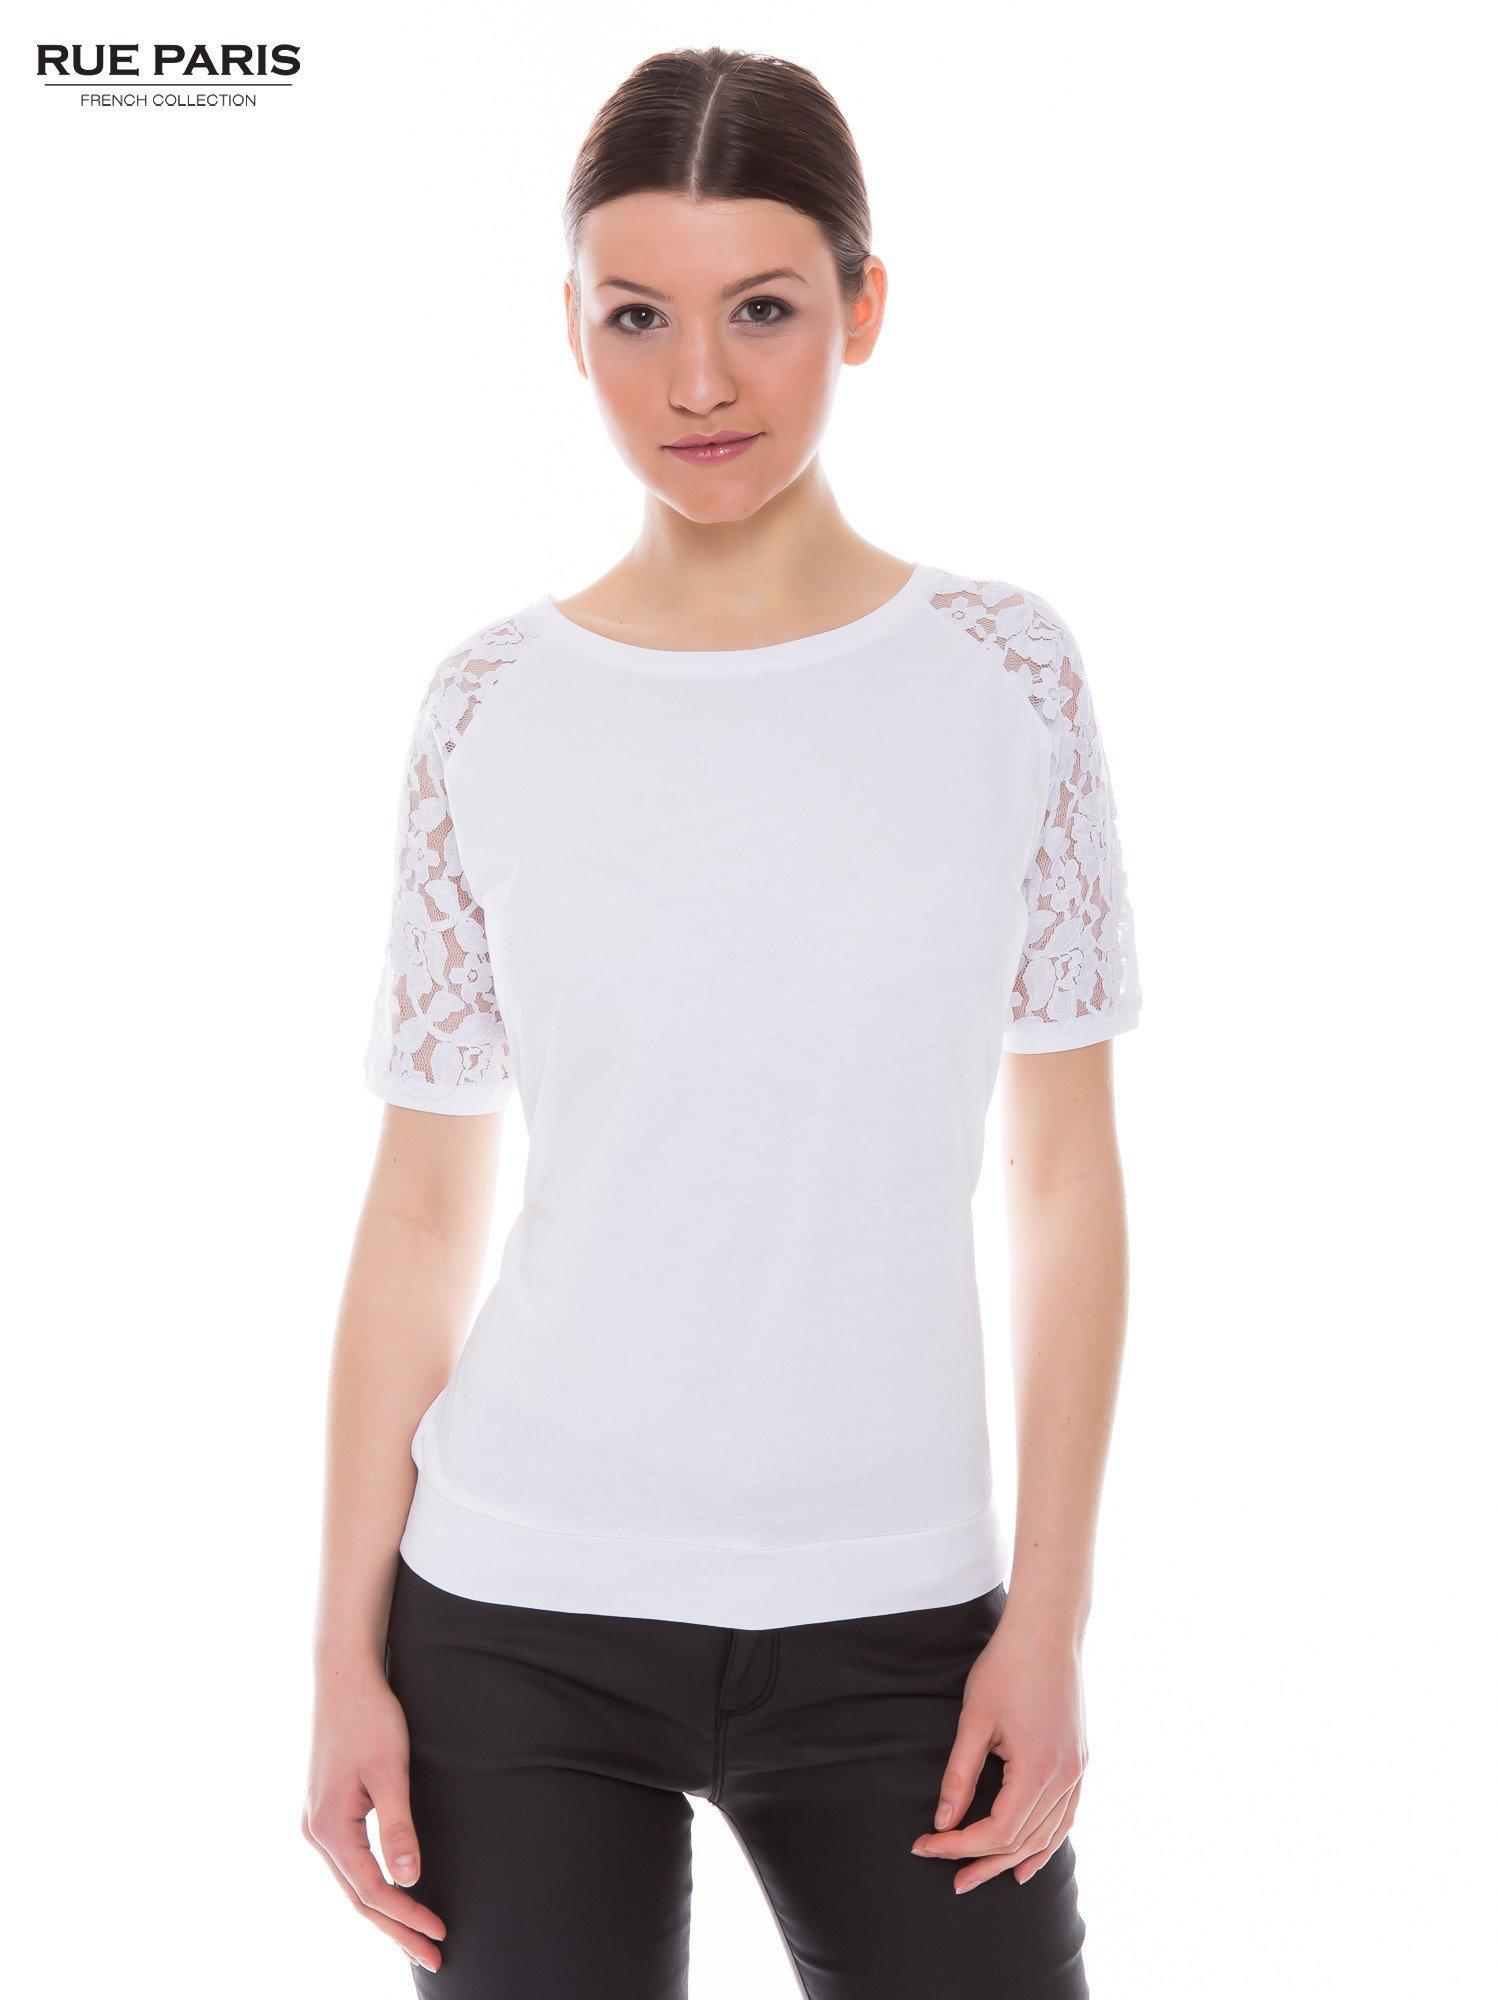 Biały t-shirt z koronkowymi rękawami długości 3/4                                  zdj.                                  1